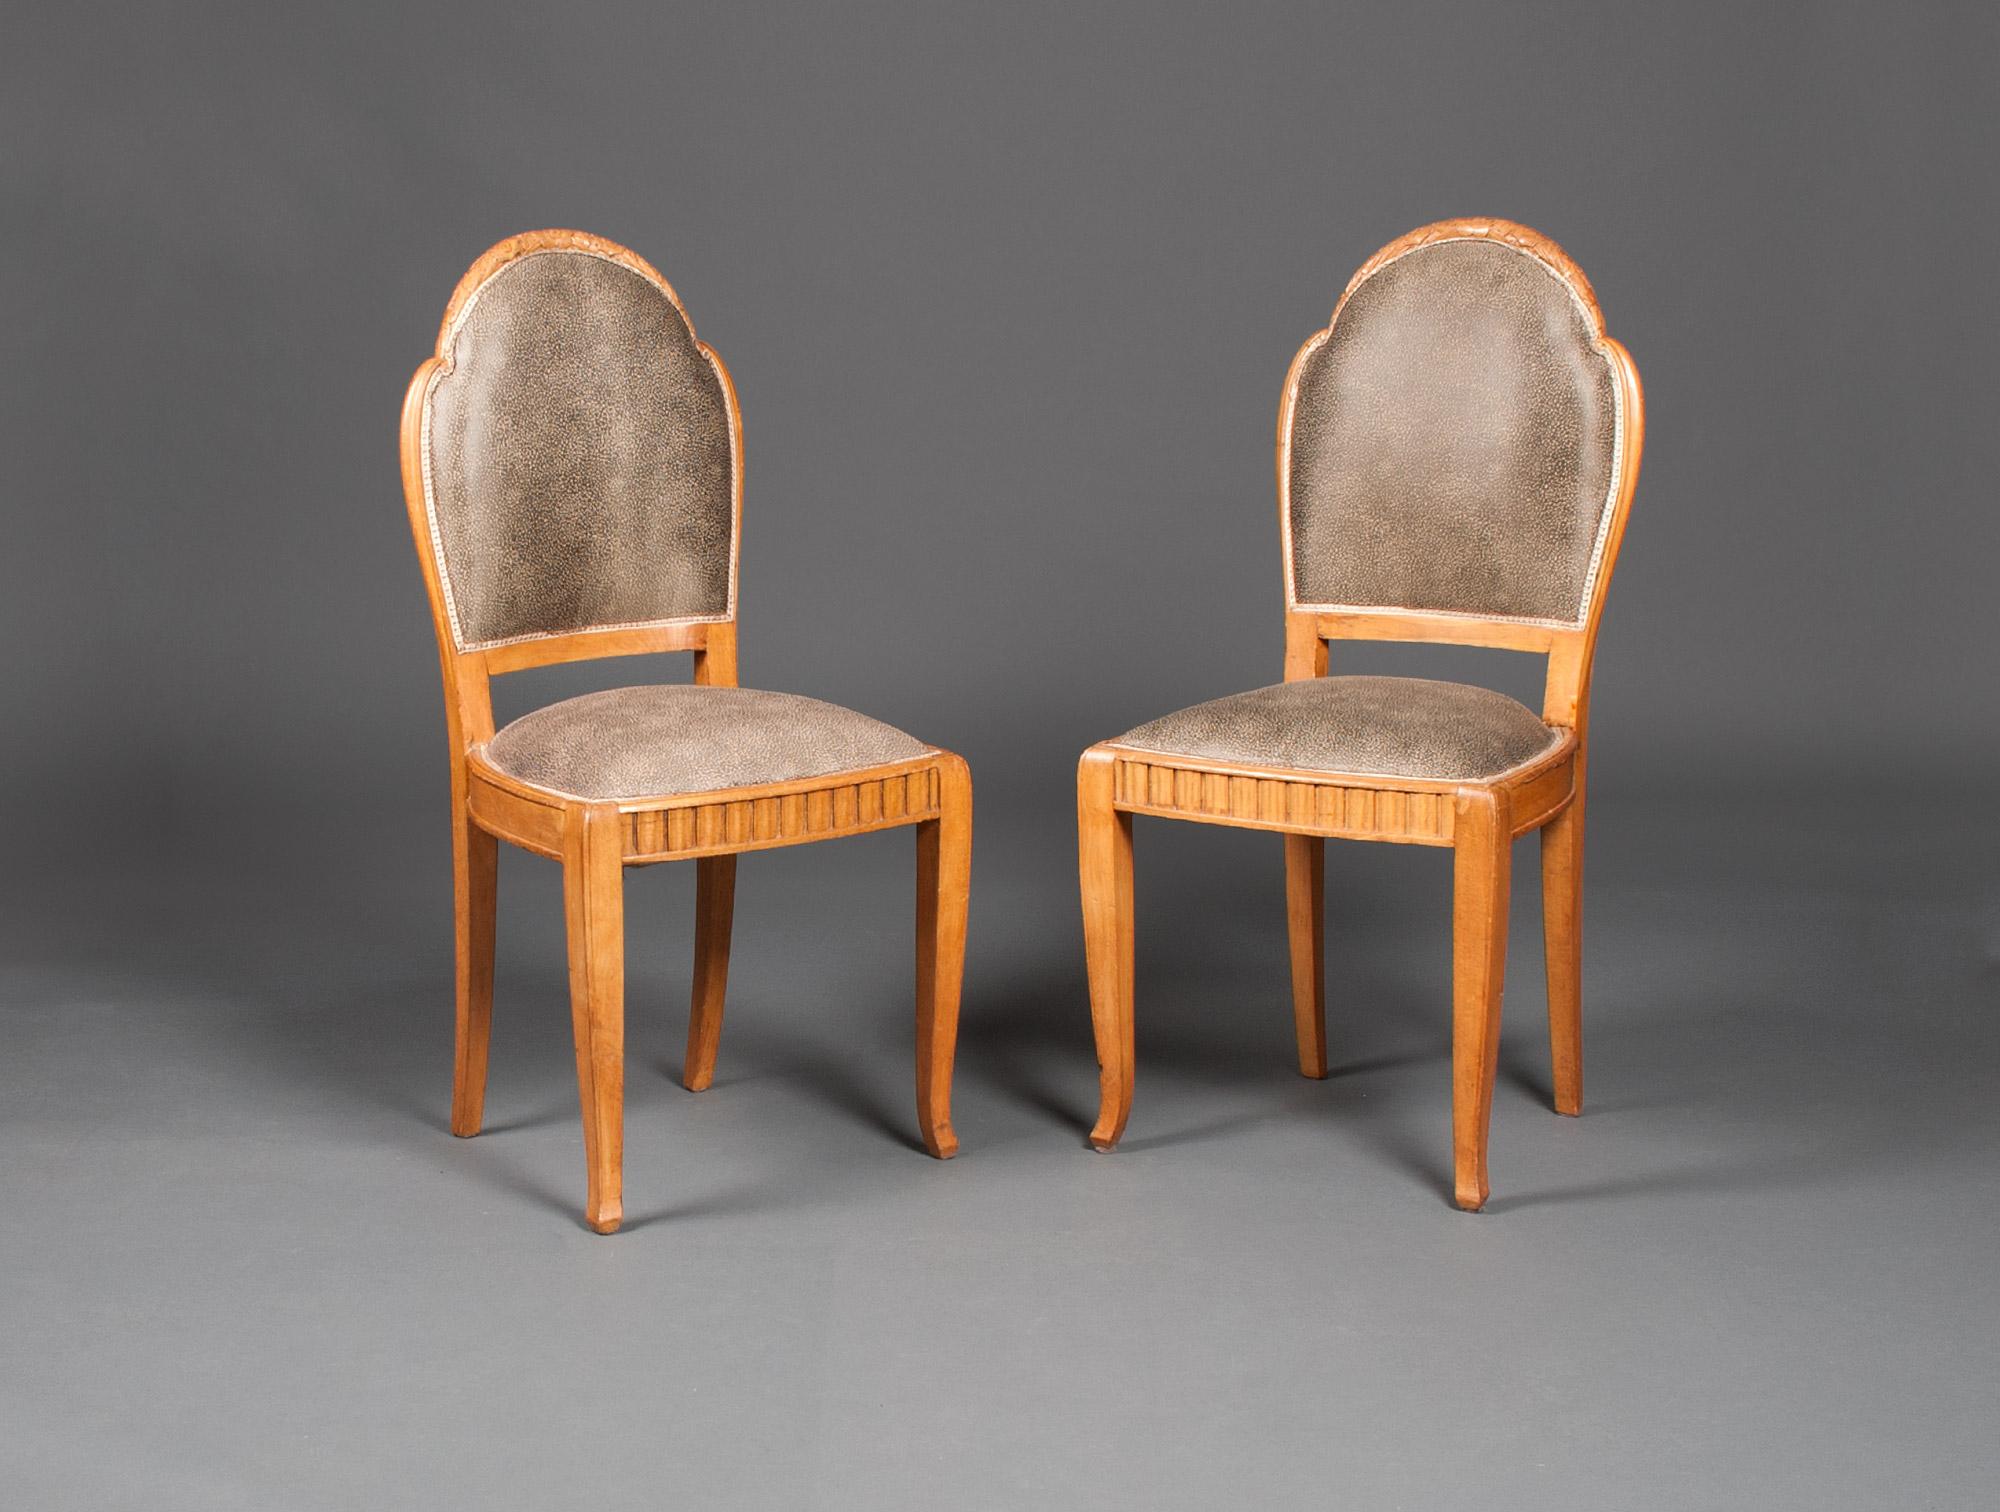 salon art d co tissu galuchat soubrier louer si ges salon art d co. Black Bedroom Furniture Sets. Home Design Ideas